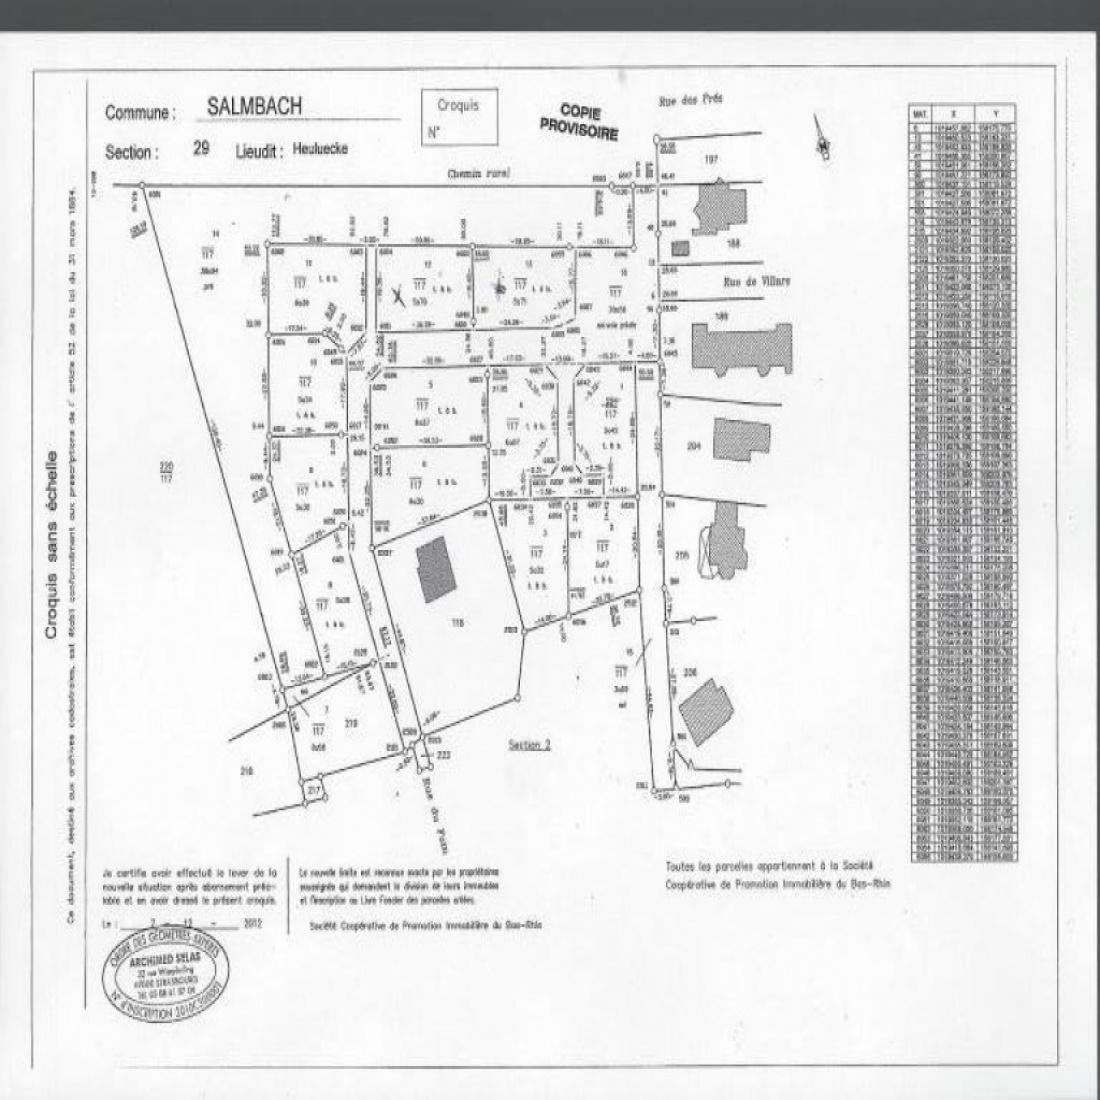 Plan du lotissement SALMBACH